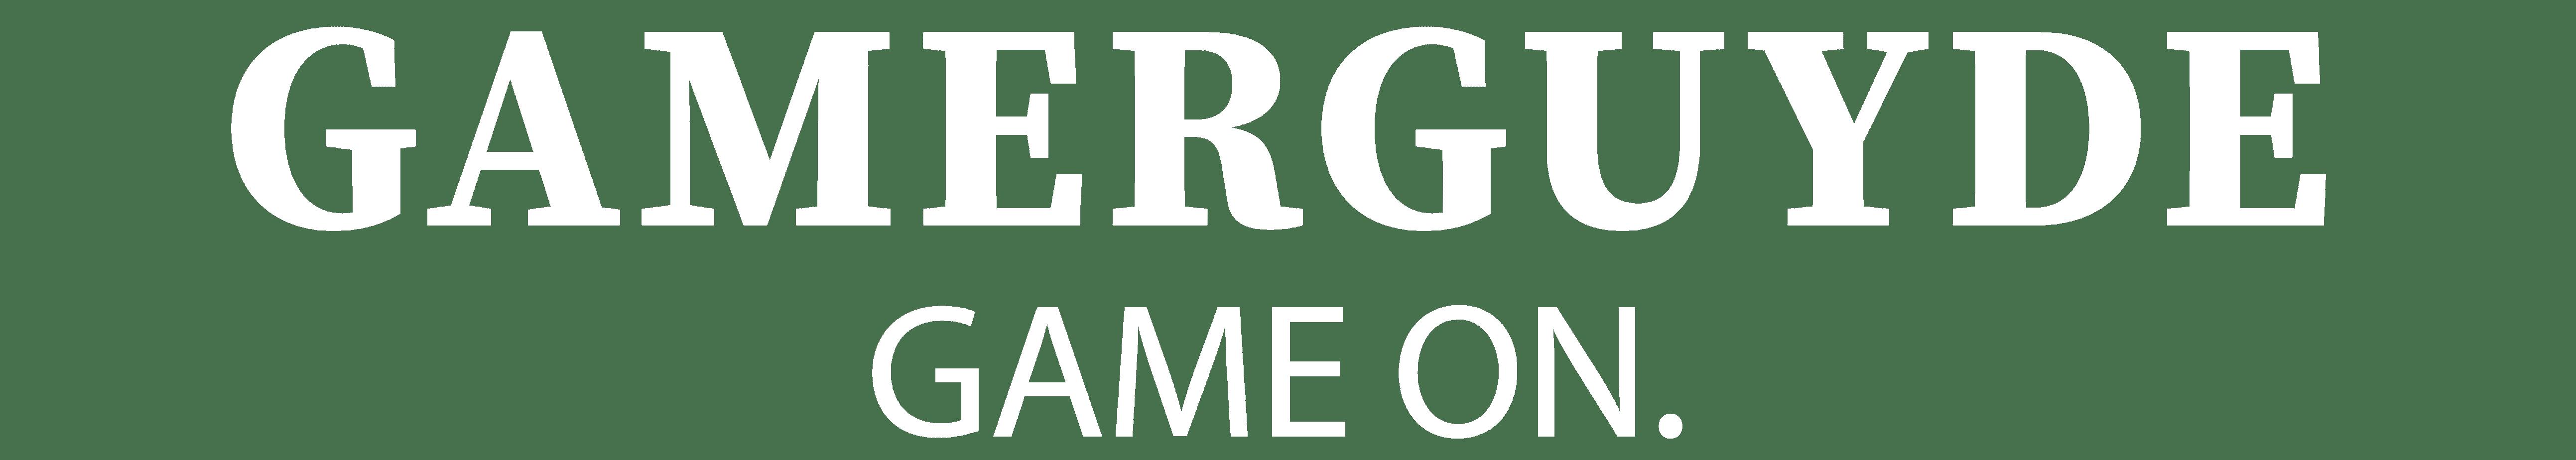 GamerGuyde